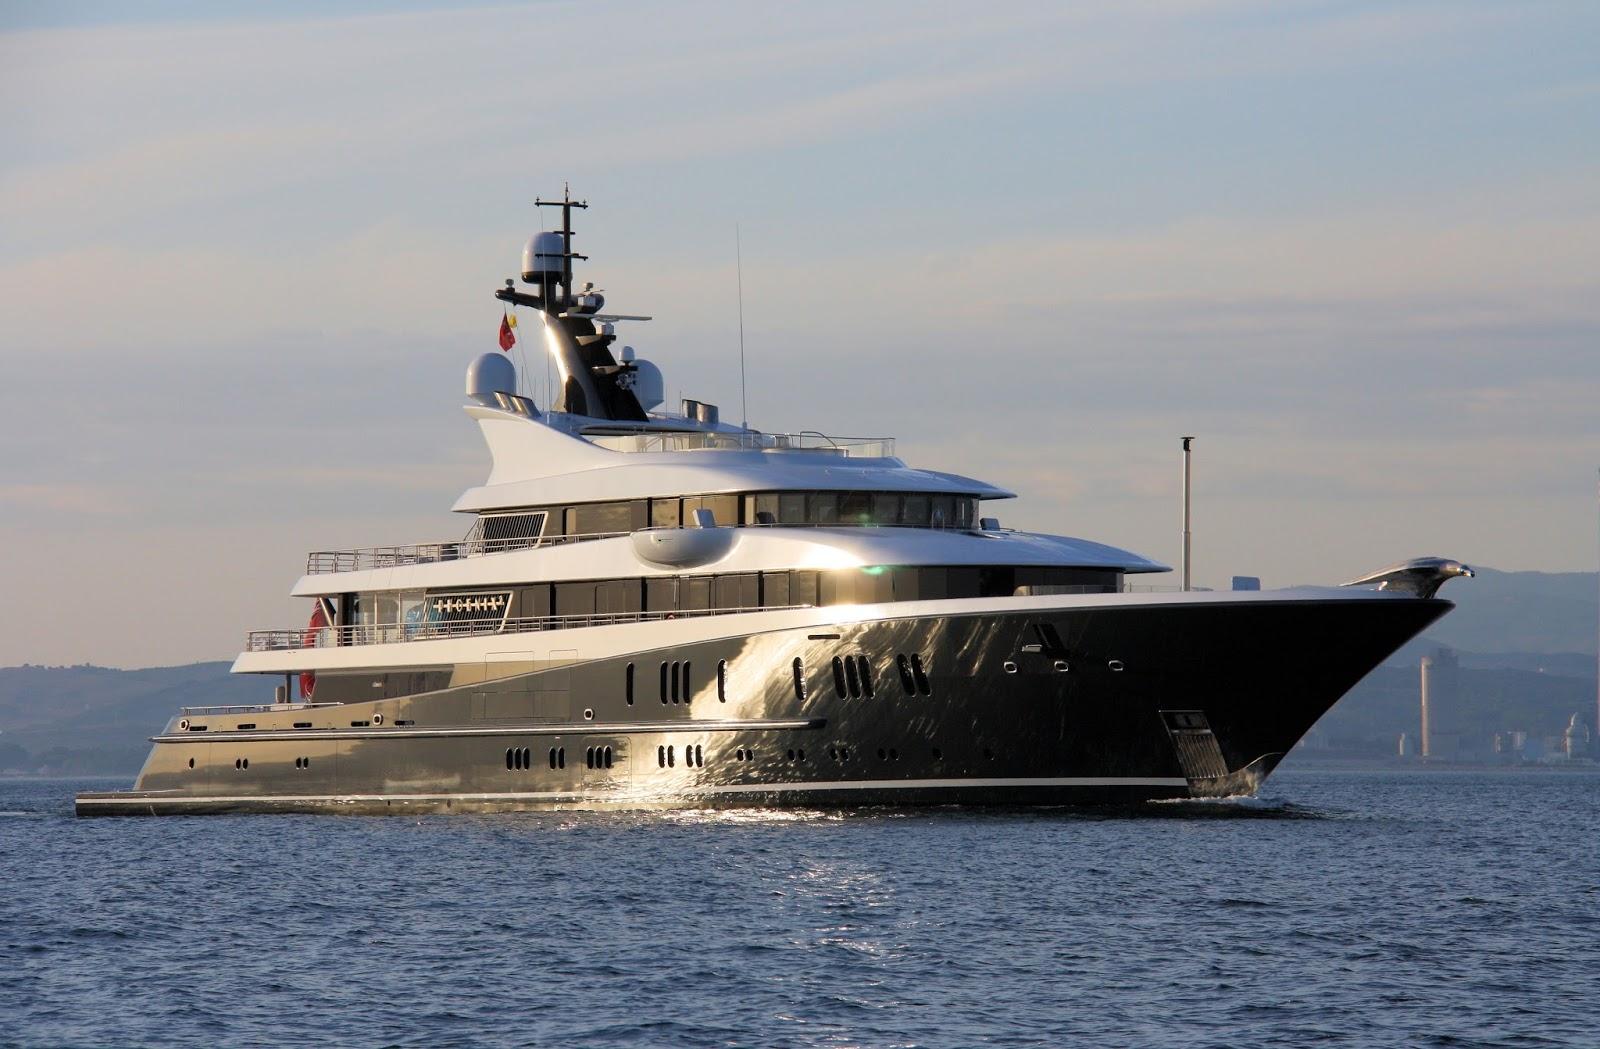 Superyacht PHOENIX 2 Starboard